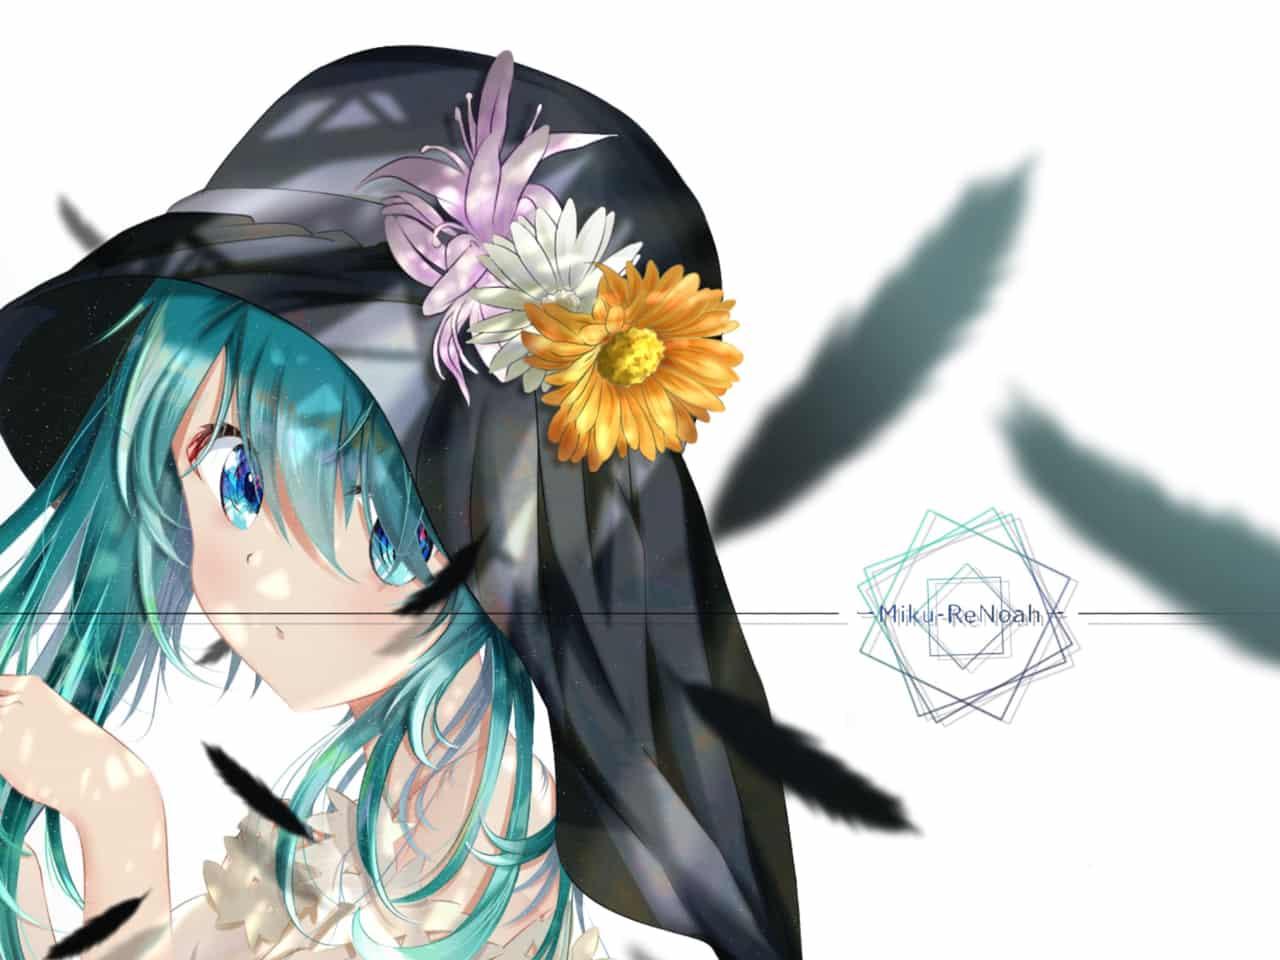 初音ミク-Hatsune Miku- Illust of ReNoah hatsunemiku girl original VOCALOID summer illustration